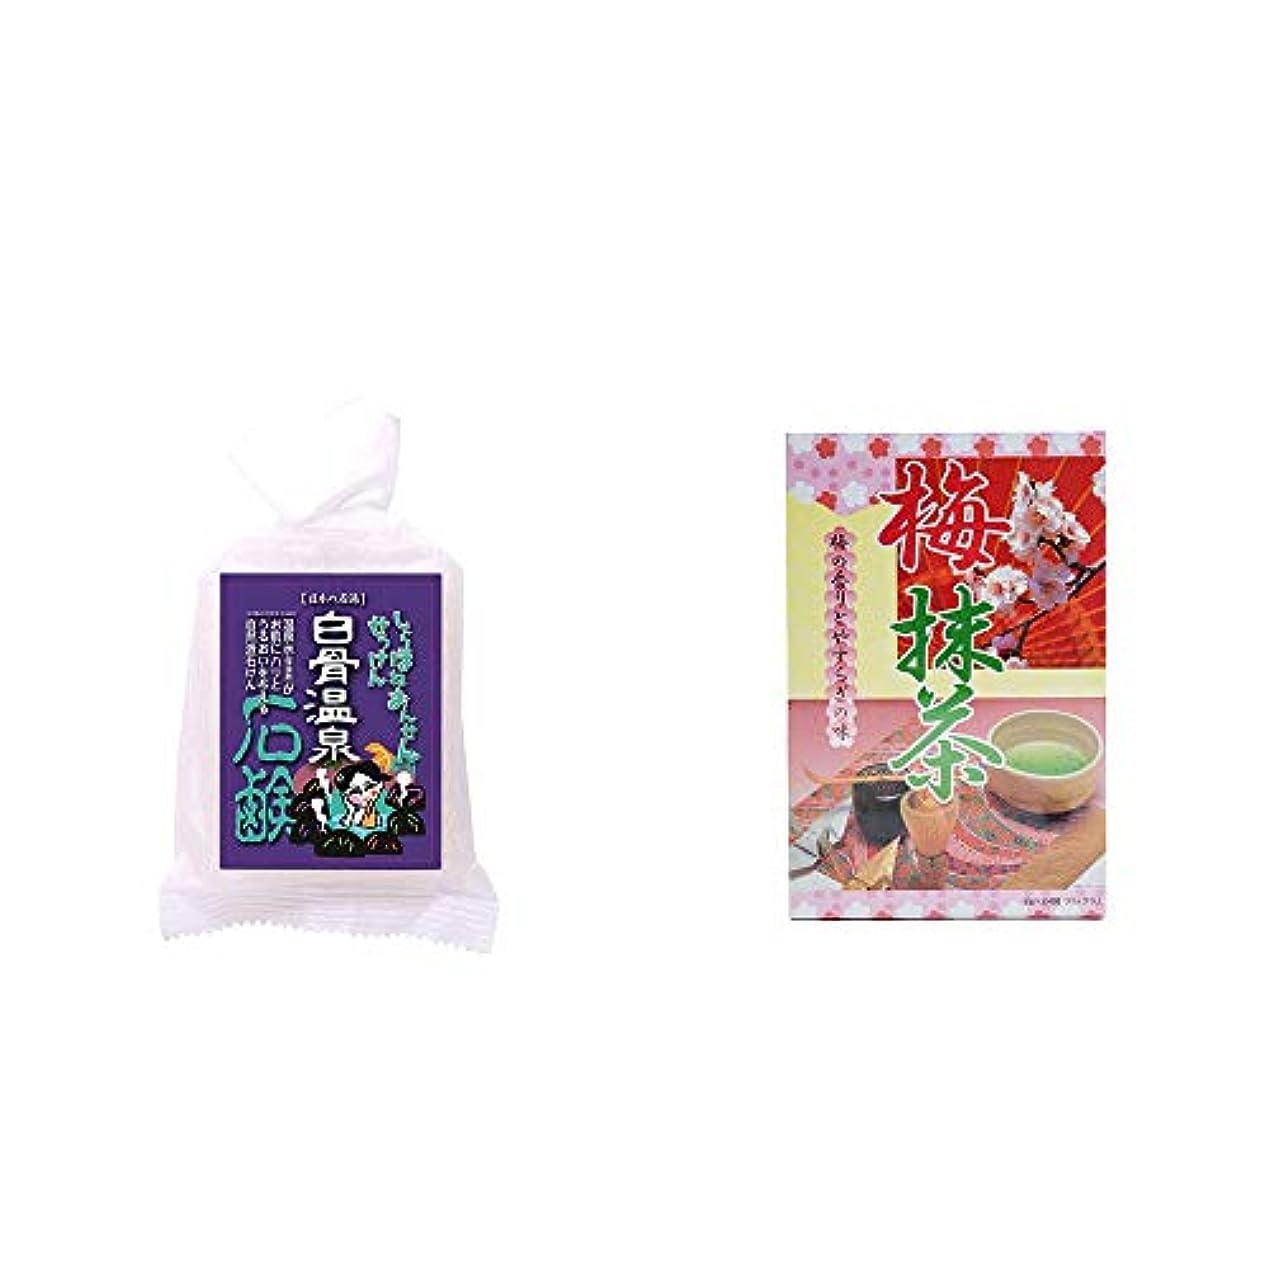 子孫ボア子孫[2点セット] 信州 白骨温泉石鹸(80g)?梅抹茶[大](24袋)